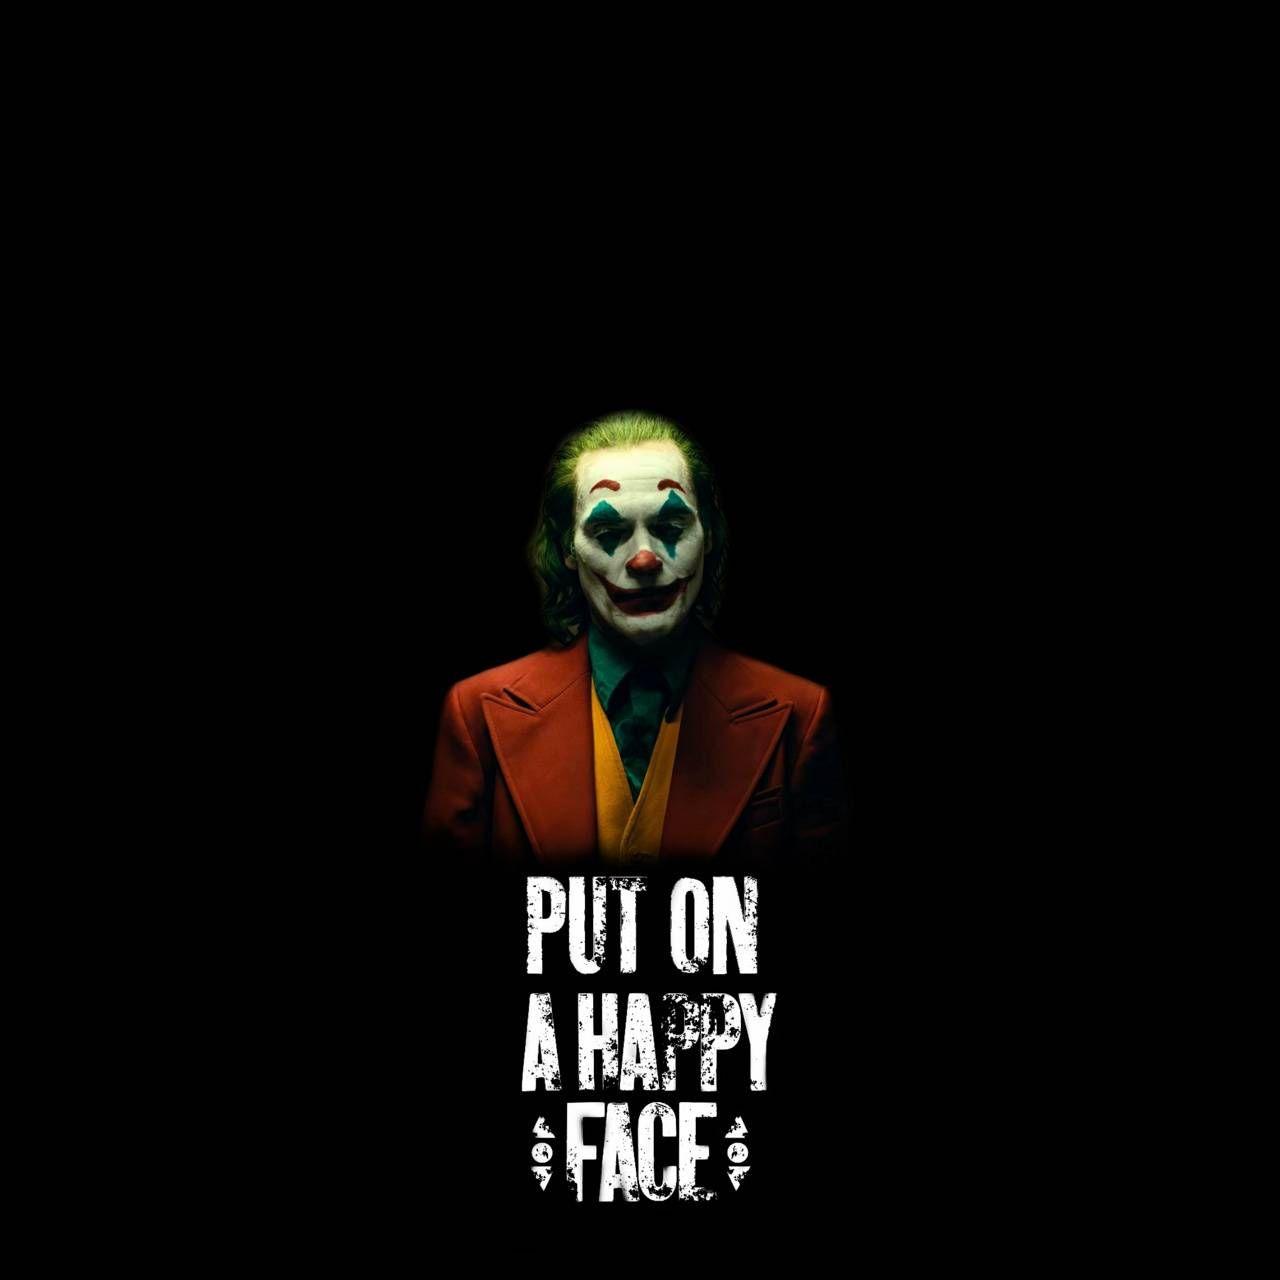 Joker Happy Face Wallpaper By Robzz98 58 Free On Zedge Happy Face Wallpaper Joker Wallpaper Cute Wallpaper Hd